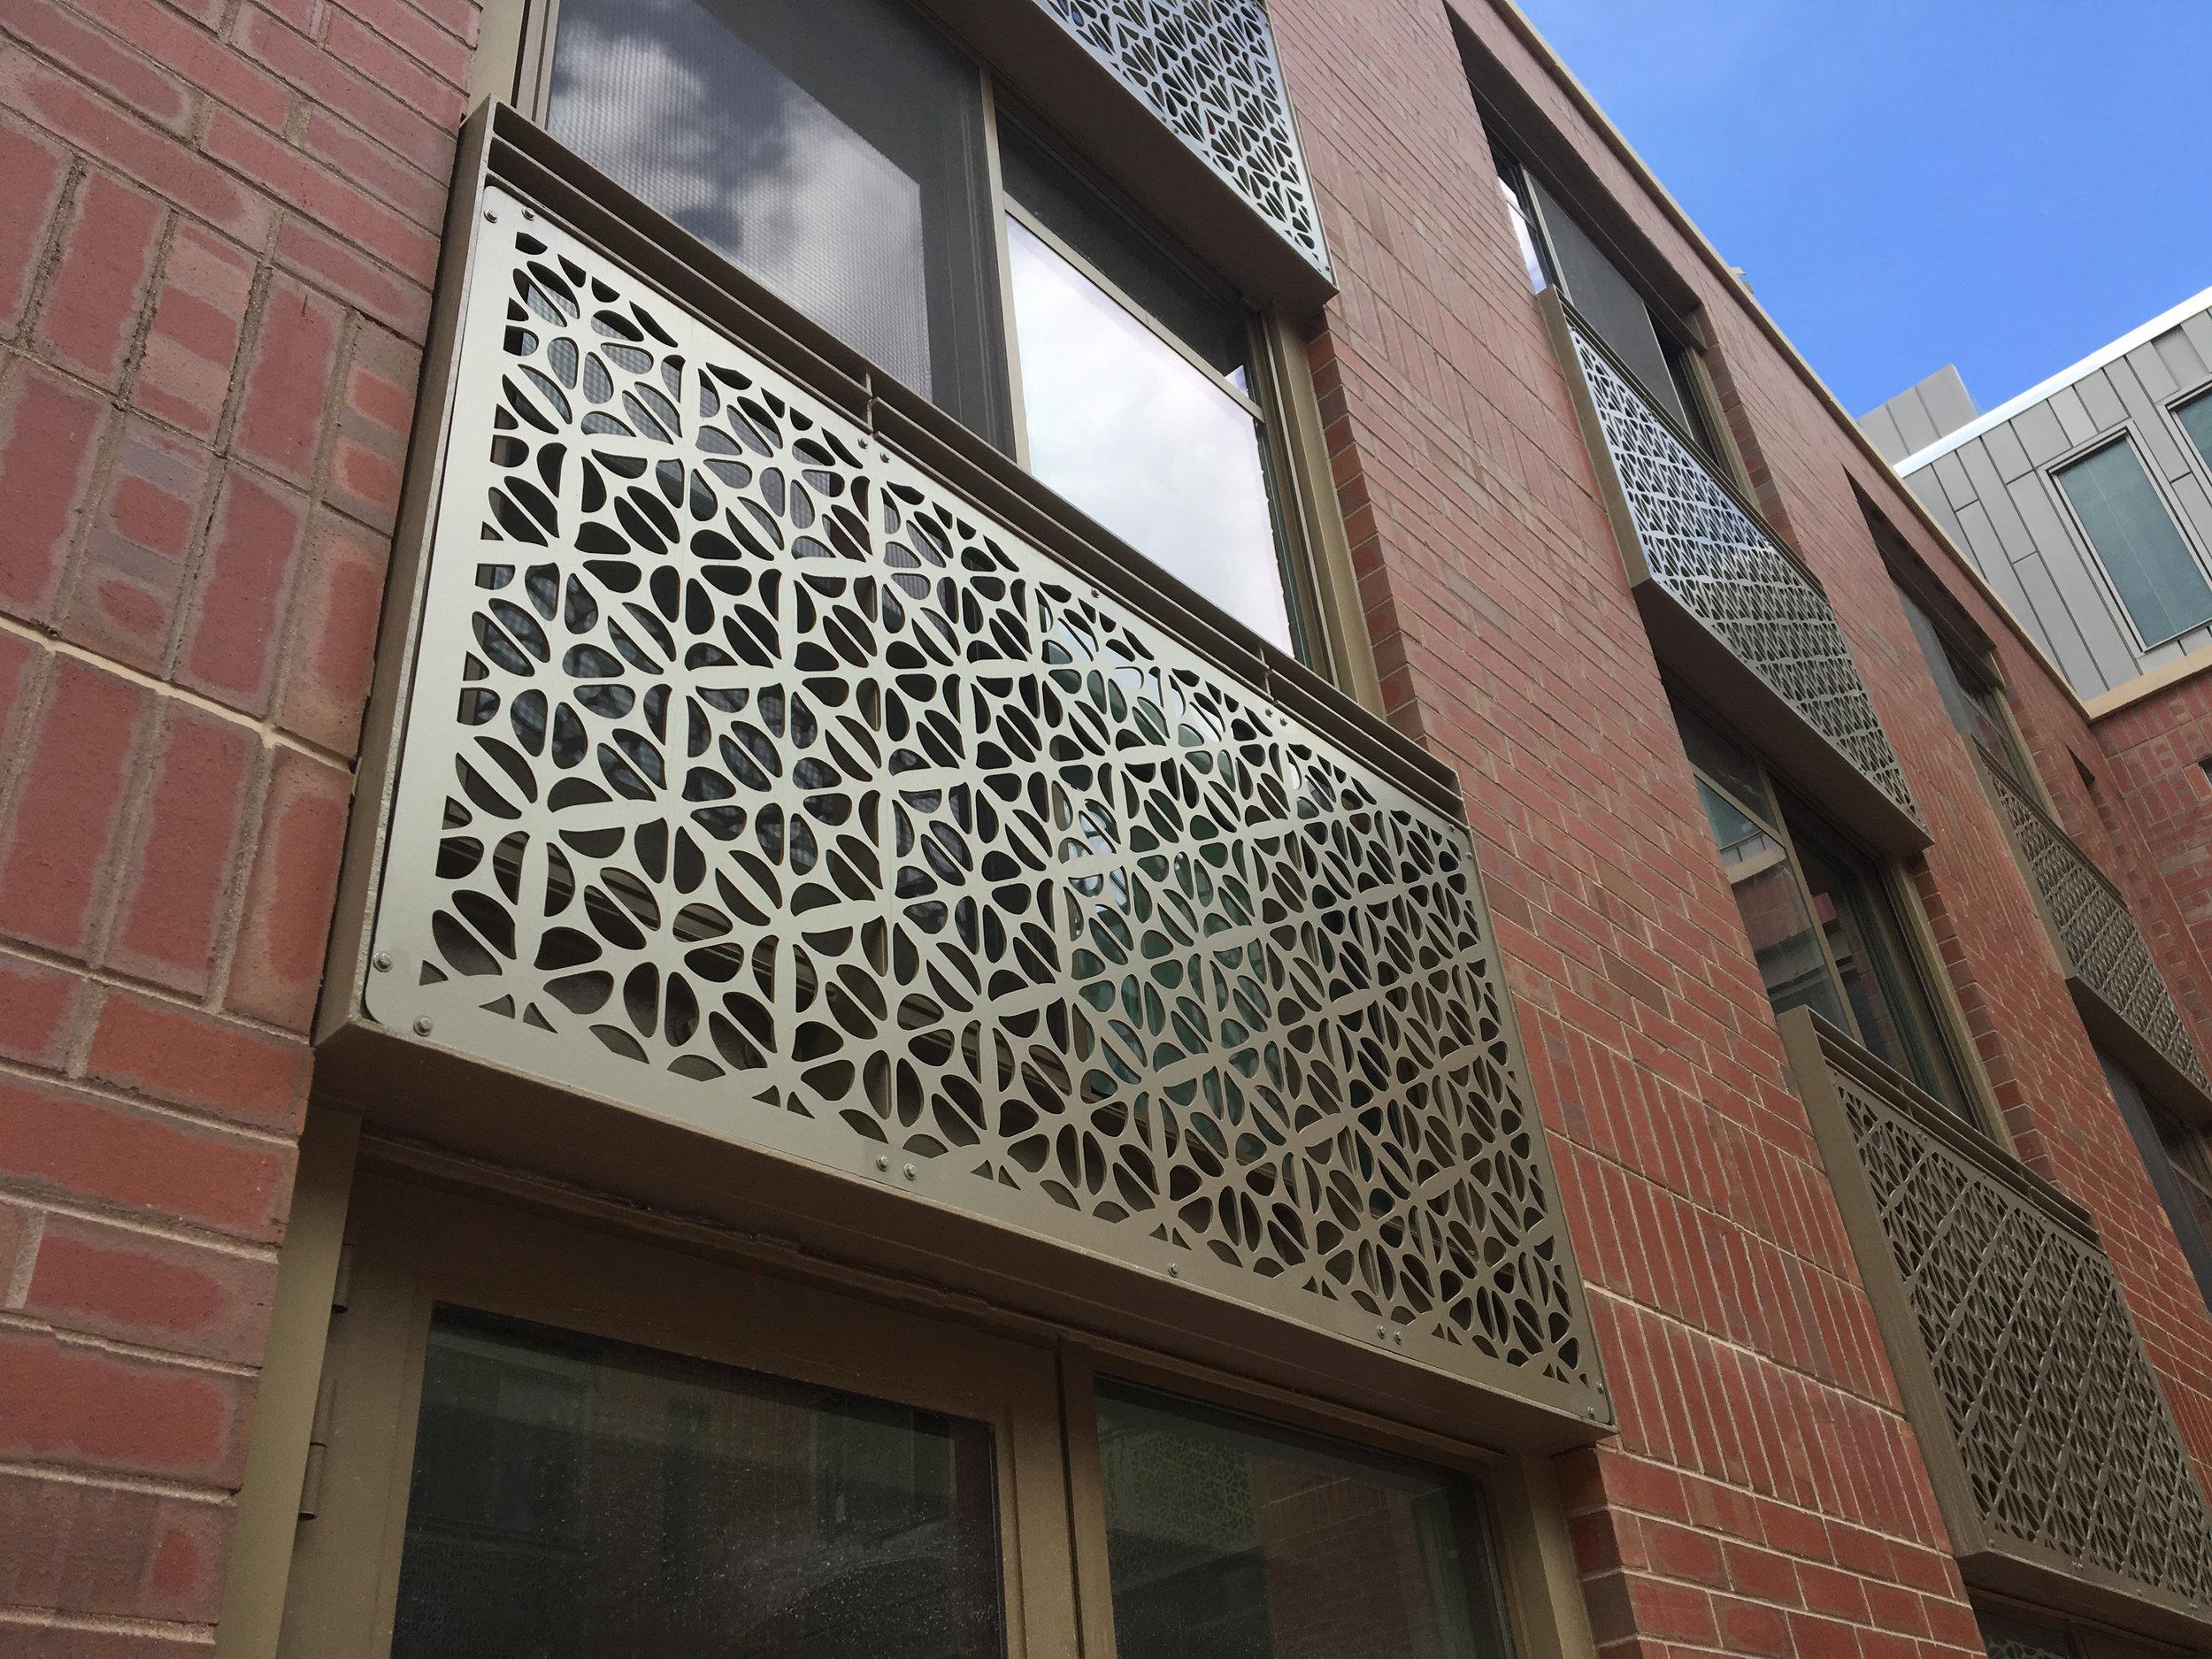 Elizabeth Hotel facade detail